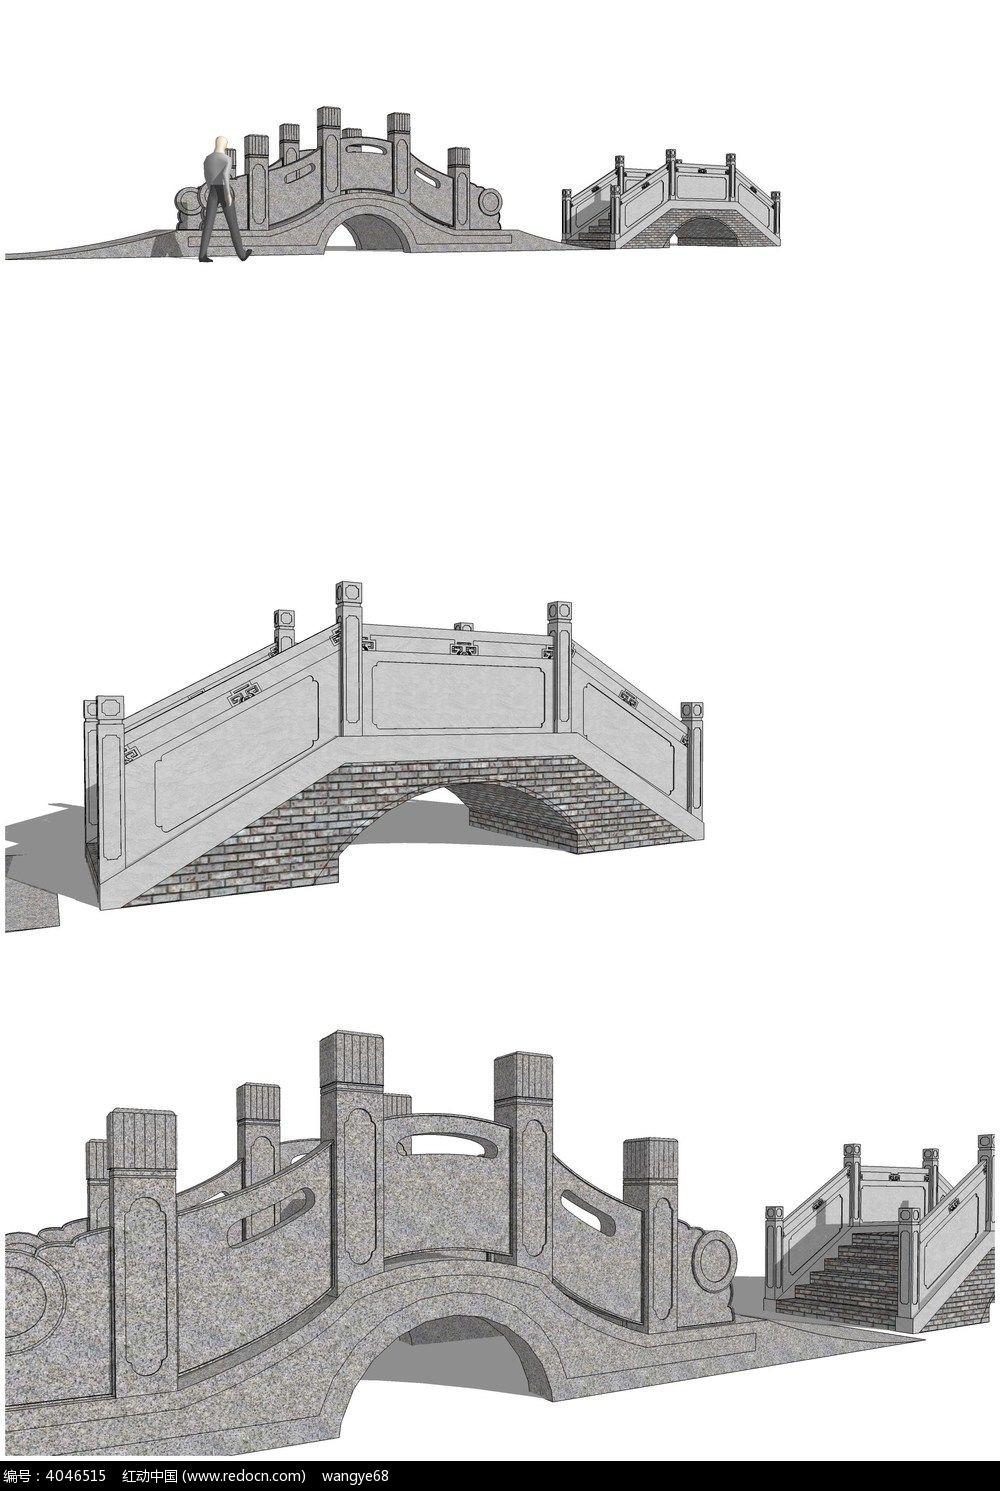 中式古典拱桥su模型其他素材下载